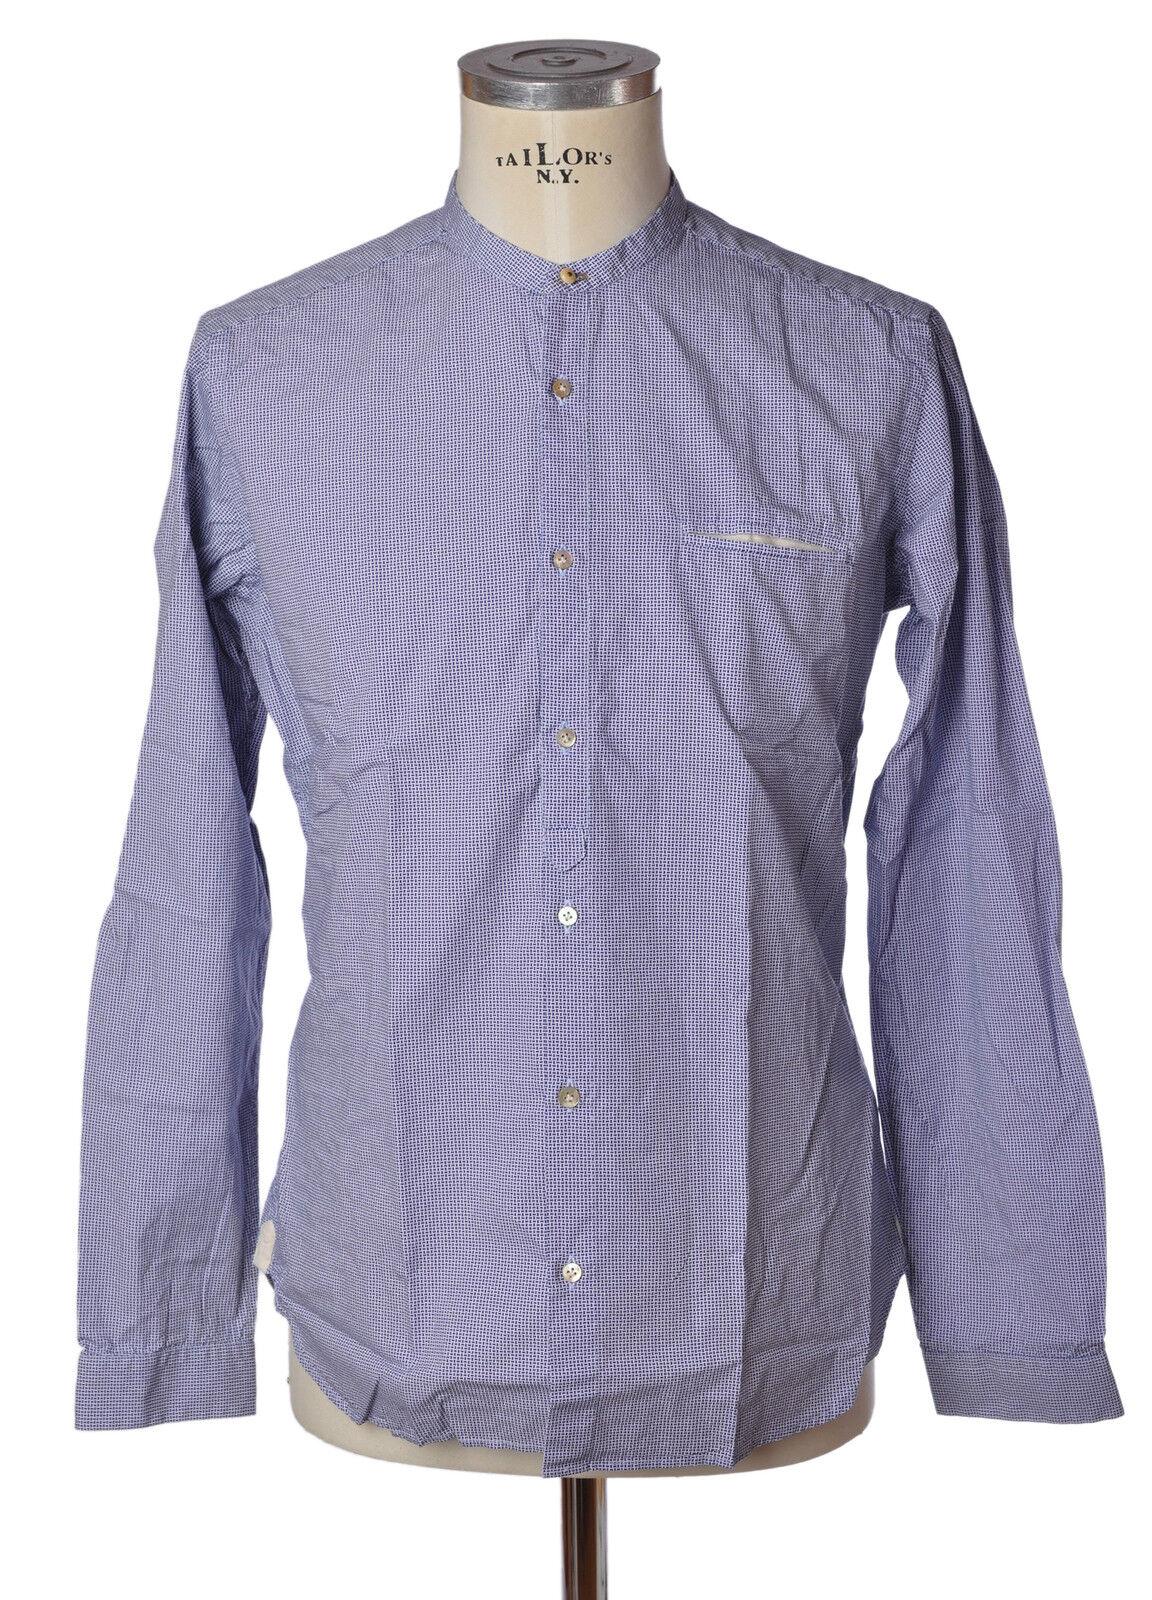 Dnl  -  Hemden - Männchen - Blau - 245326A183756